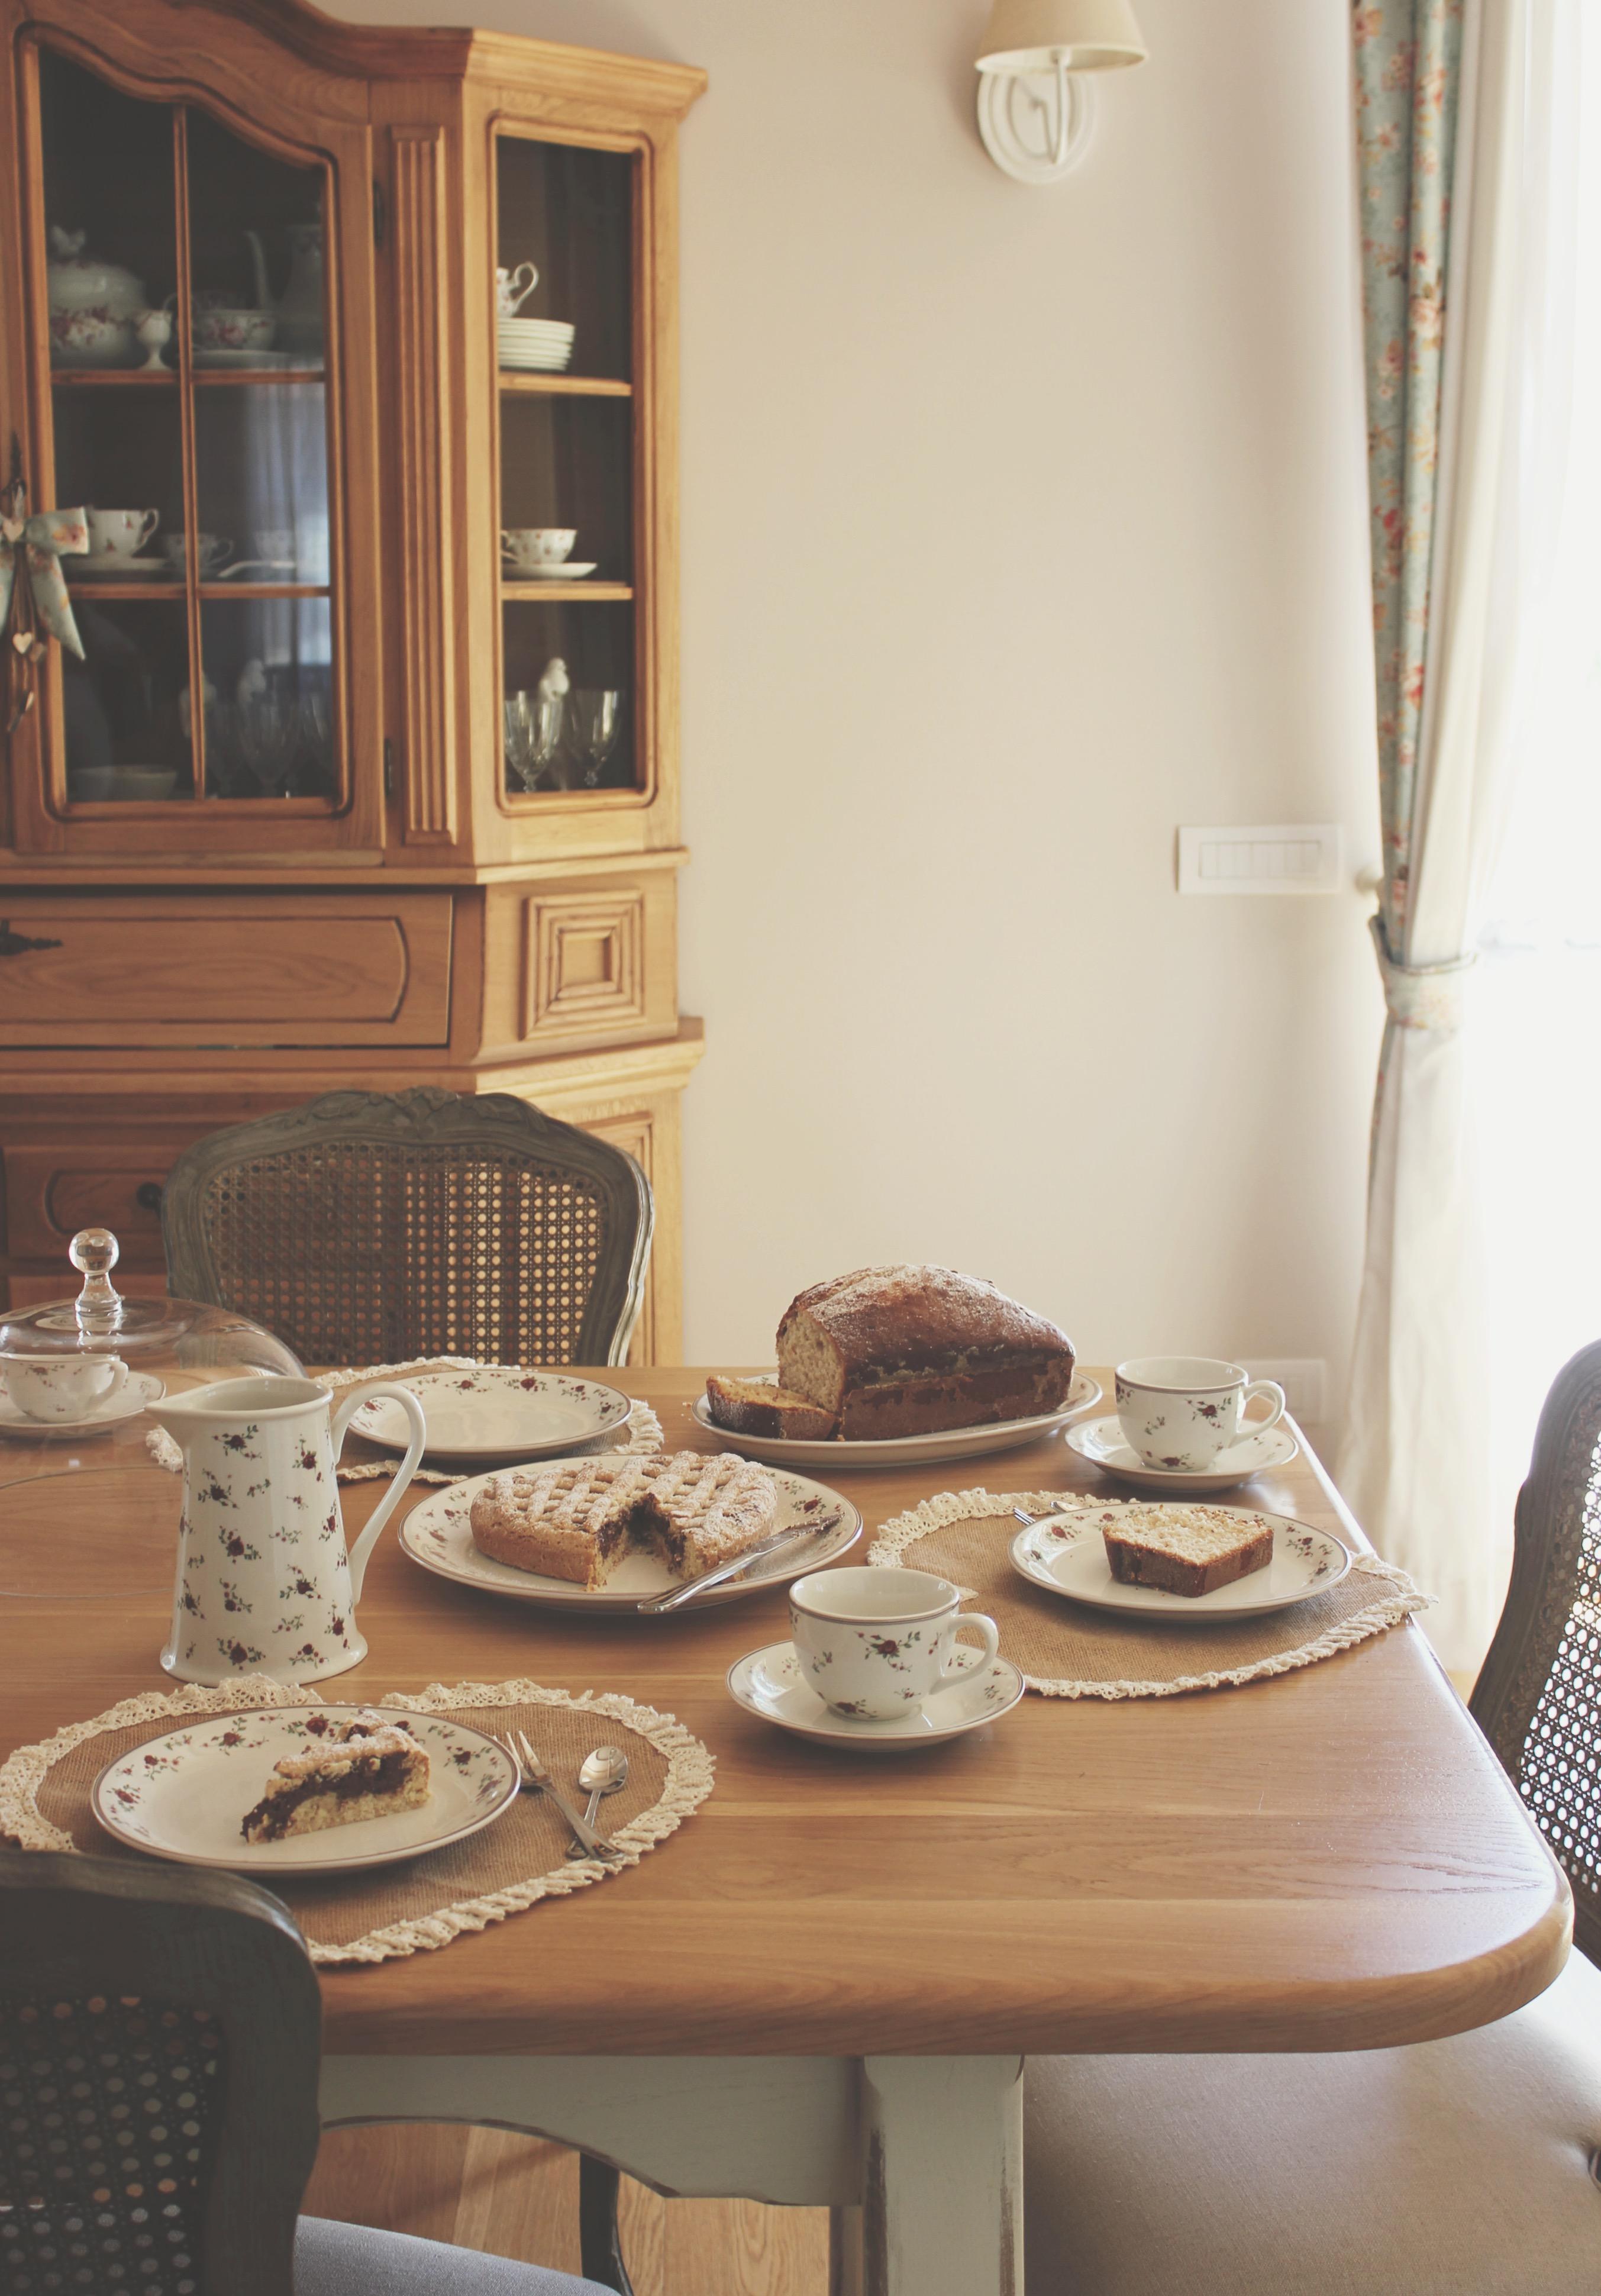 Una colazione tra amiche  (ricetta del plum cake e della